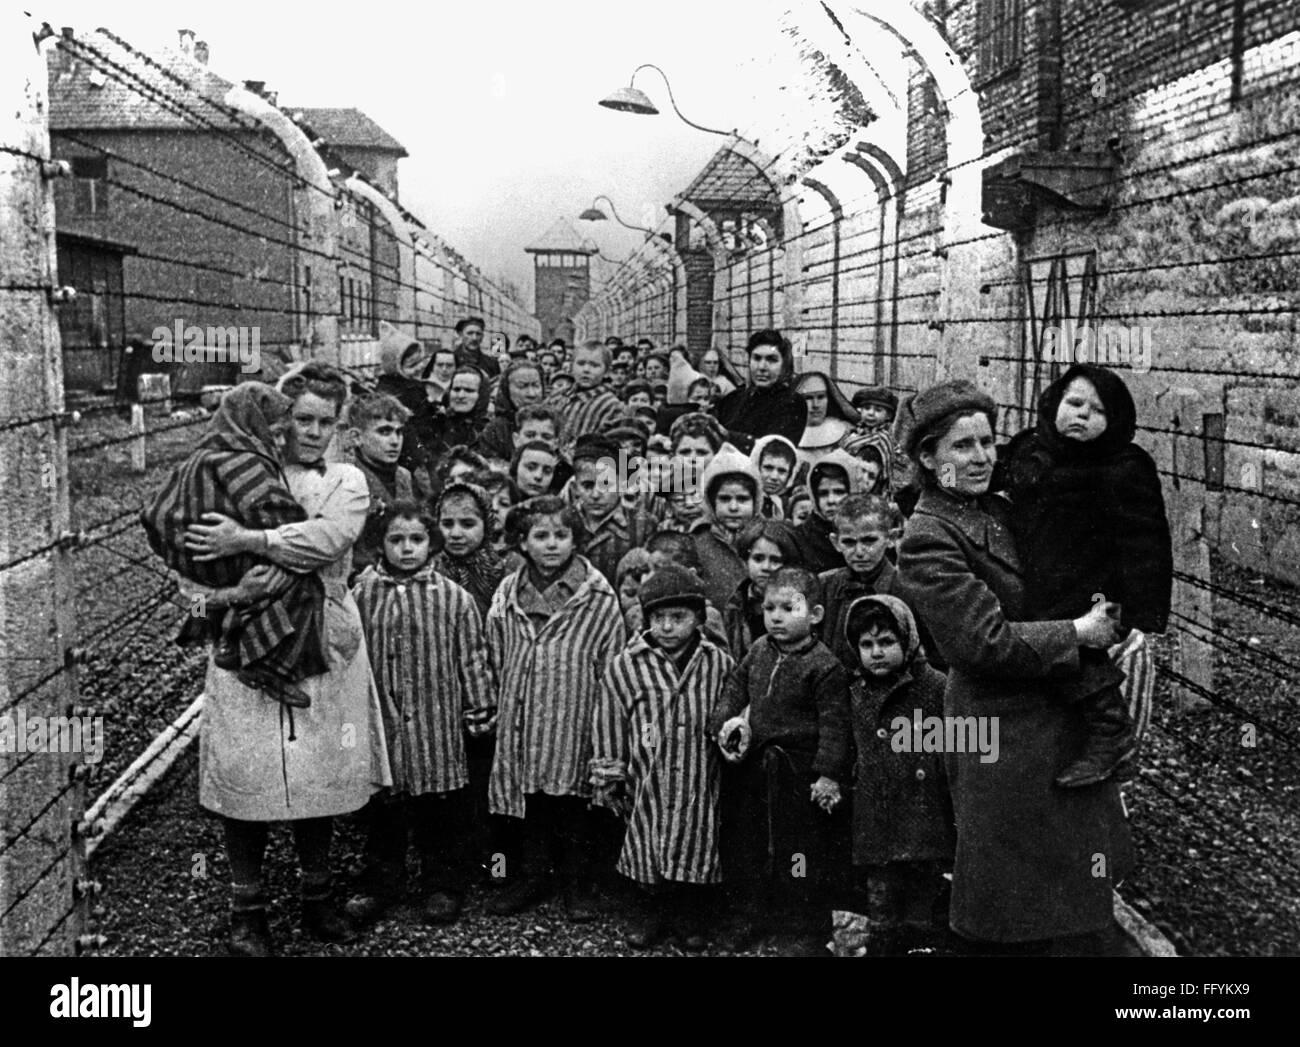 auschwitz concentration camp children stockfotos & auschwitz